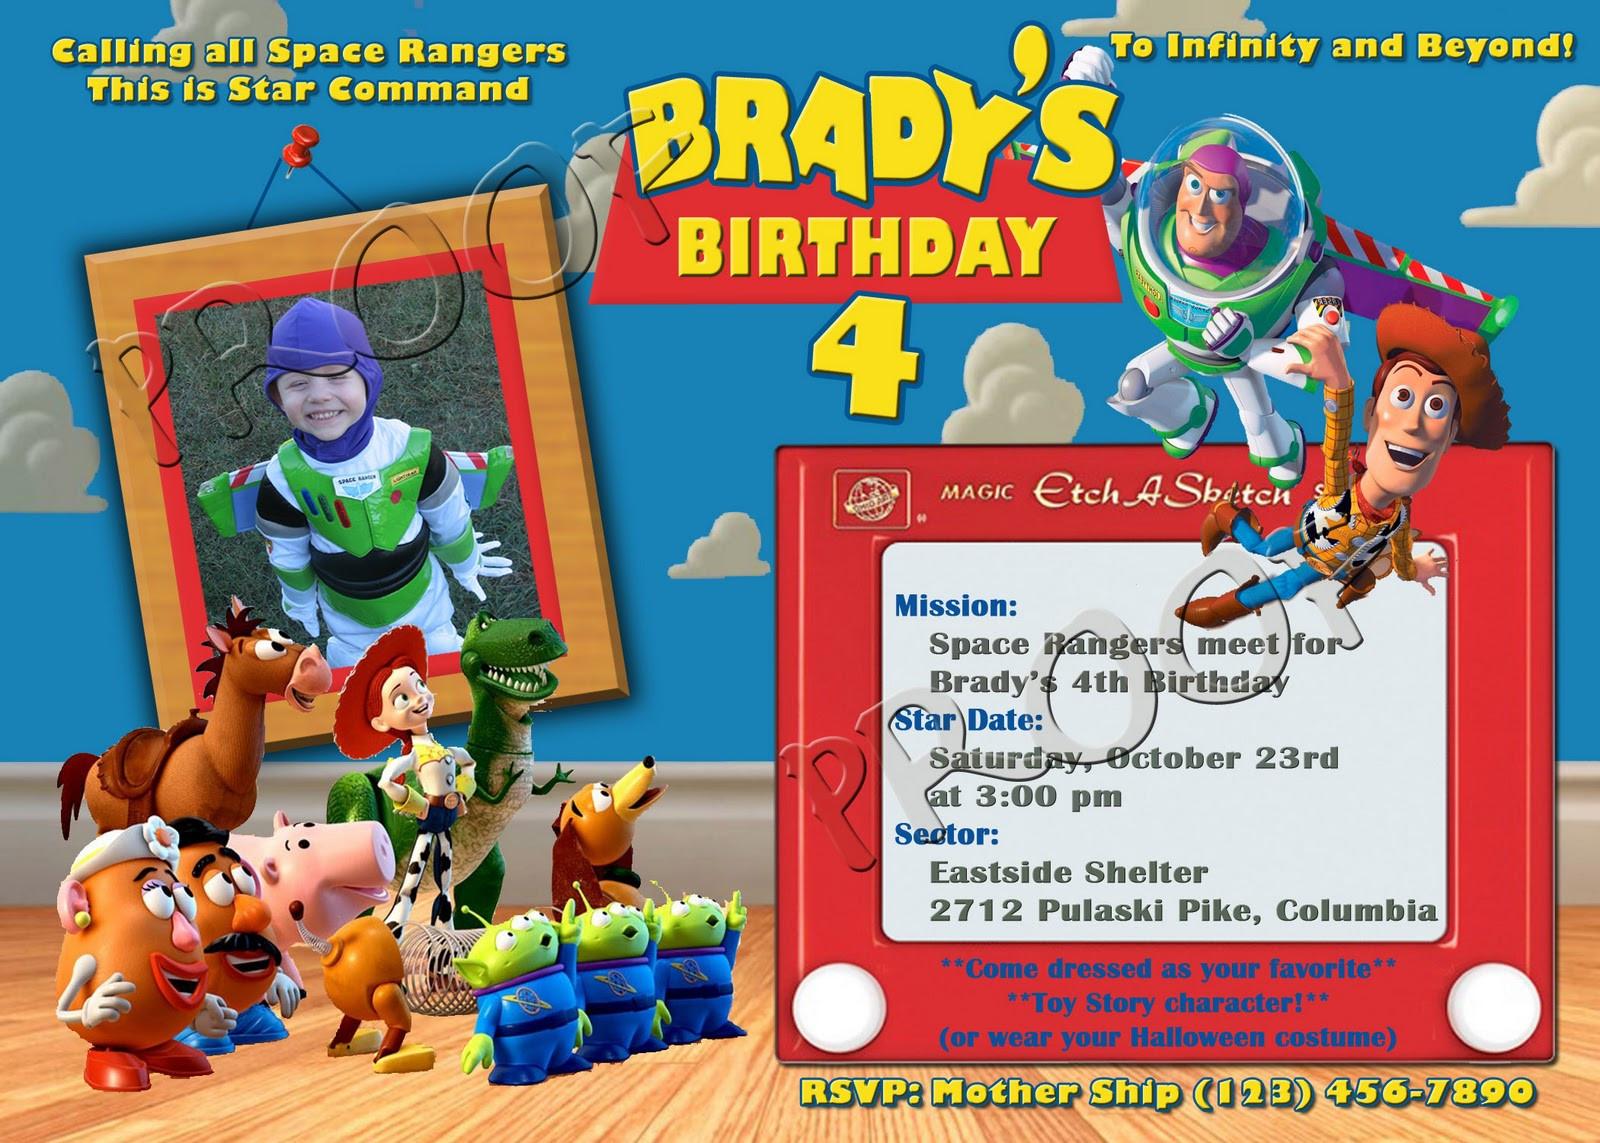 Birthday Free Printable Toy Story Birthday Invitations Bagvania - Free Printable Toy Story 3 Birthday Invitations